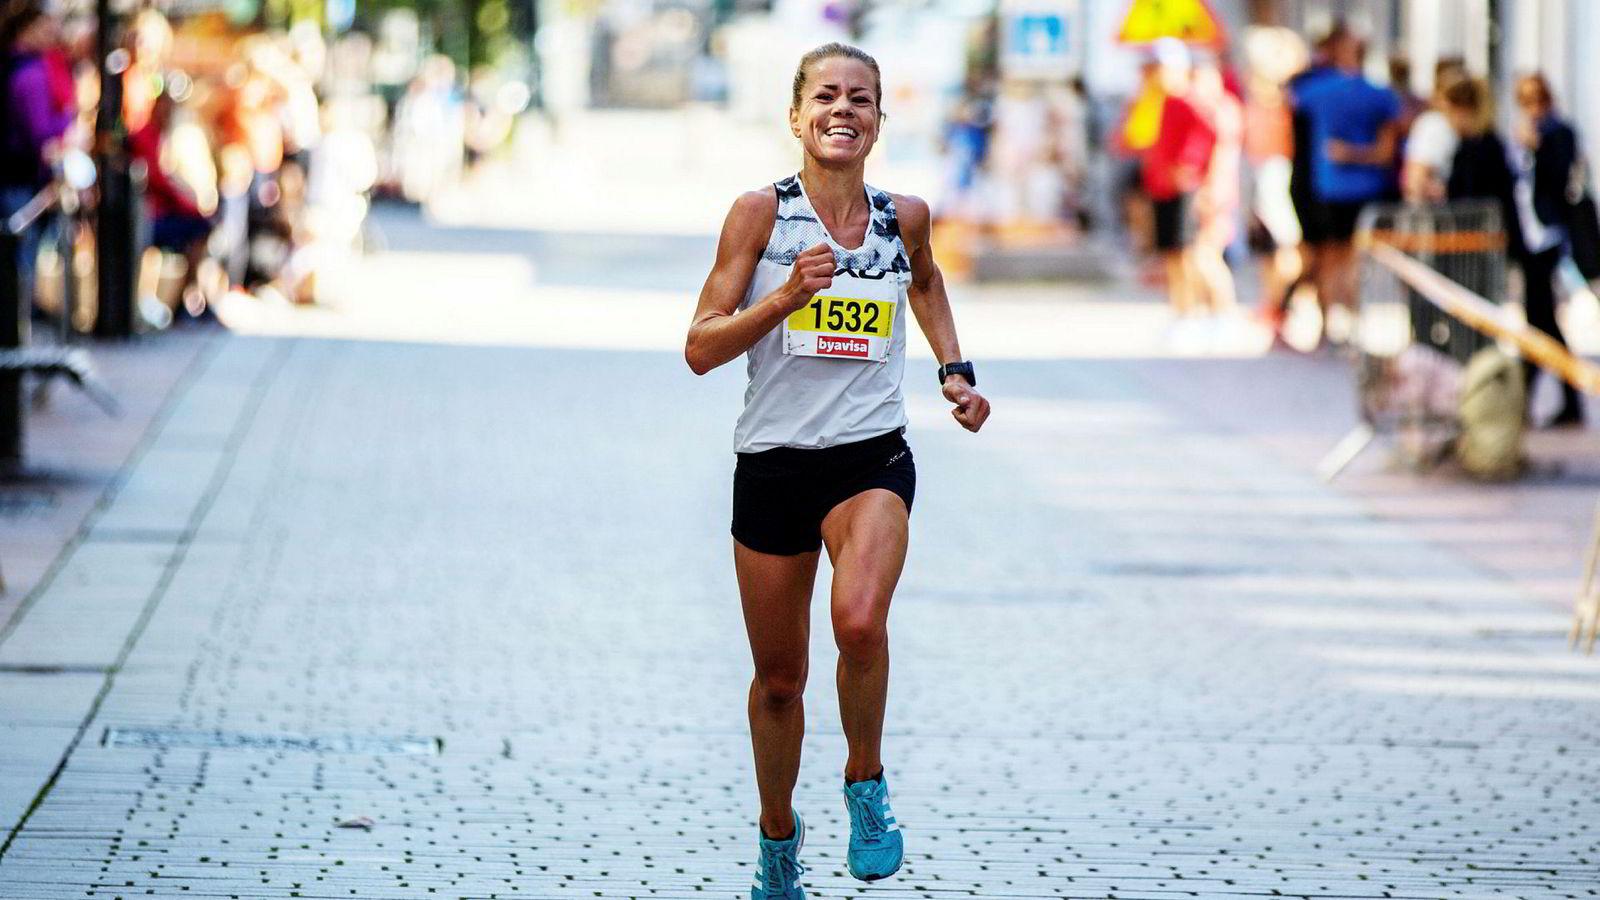 – Å bli god på å være tålmodig, er som å knekke koden, sier langdistanseløper Ida Bergsløkken (34). Å holde igjen fra start har vist seg å gi de beste resultatene. Her går hun i mål på halvmaraton i Drammen i fjor.